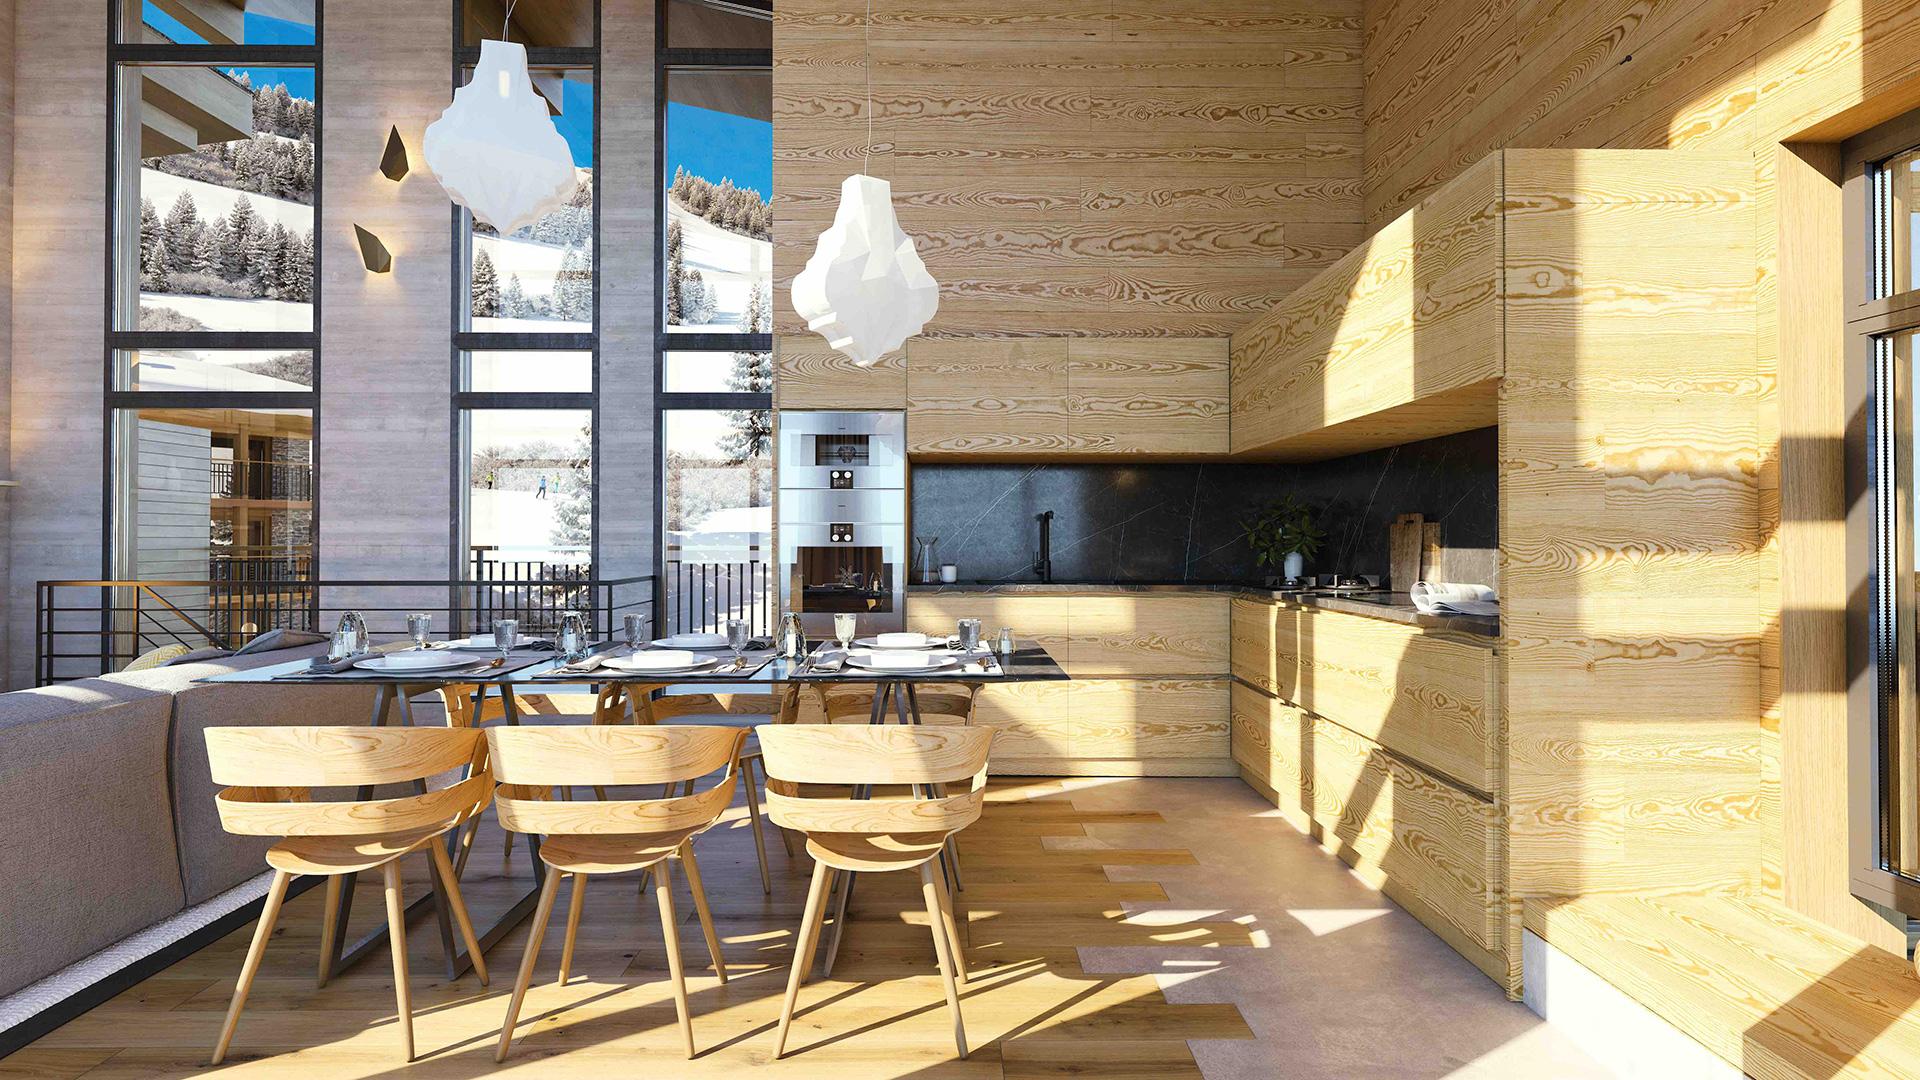 Les Cristaux Apartments, France